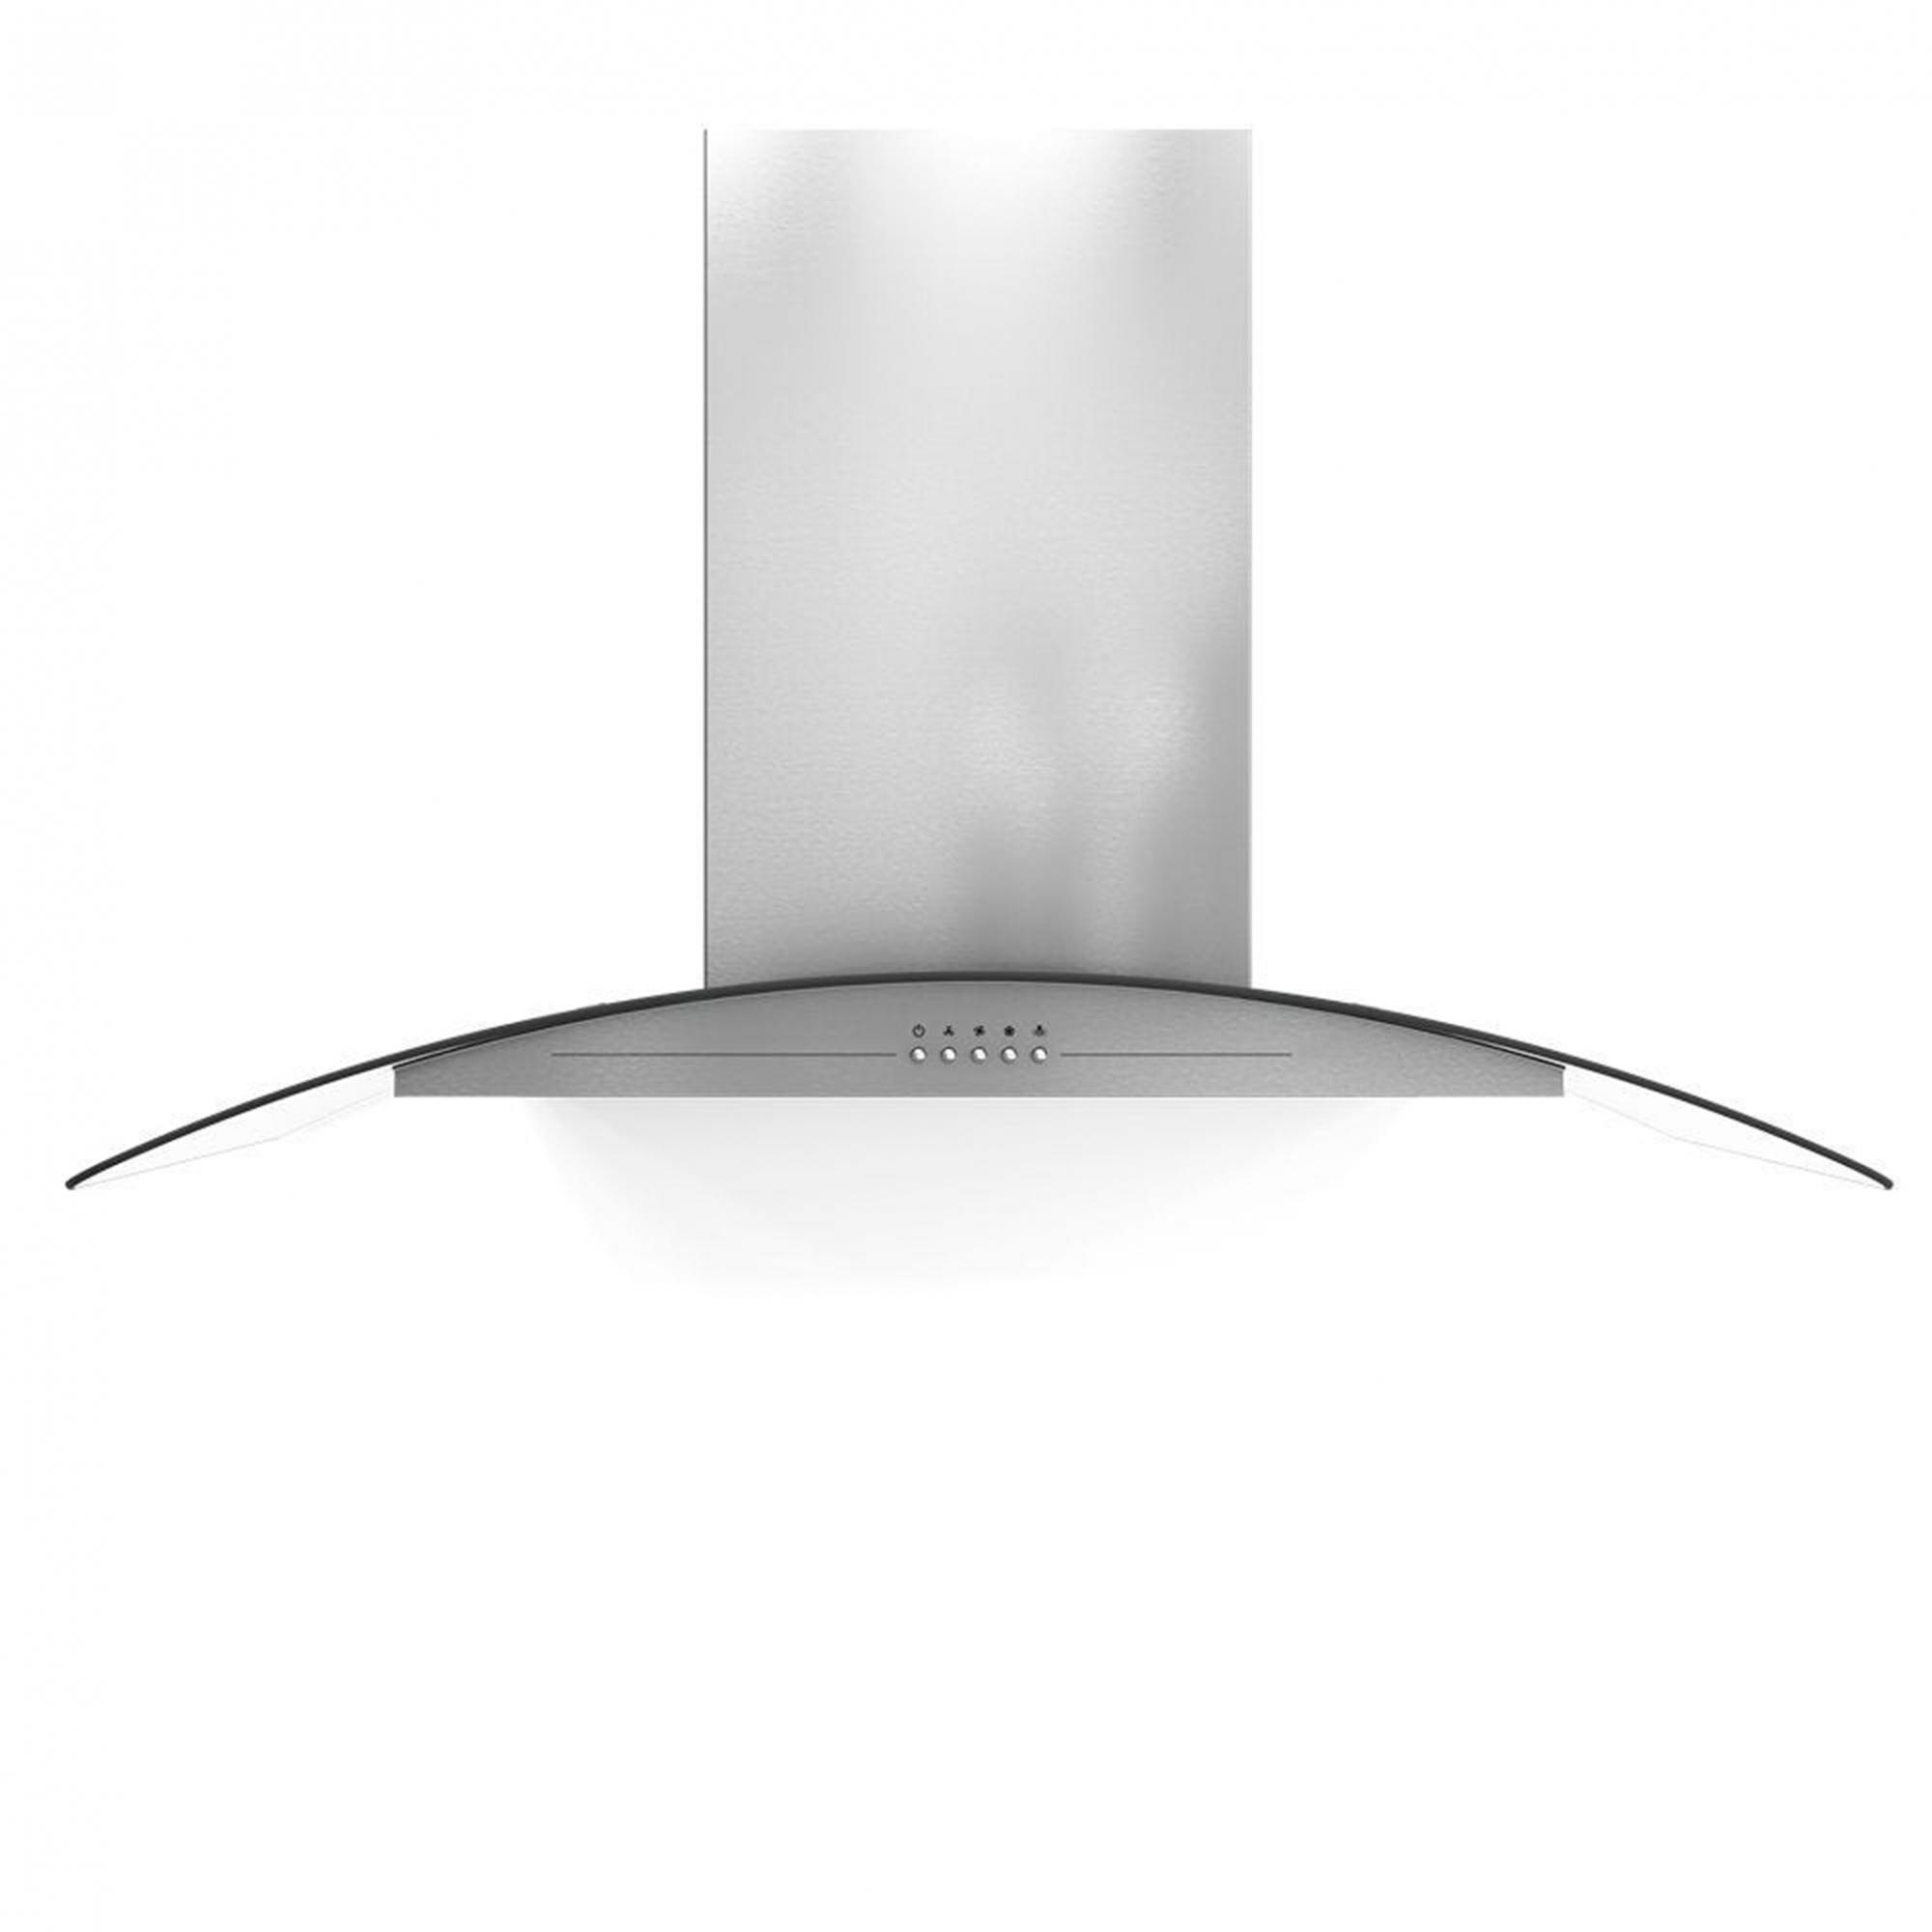 Coifa de parede M Eletros inox com vidro curvo 90cm 220V